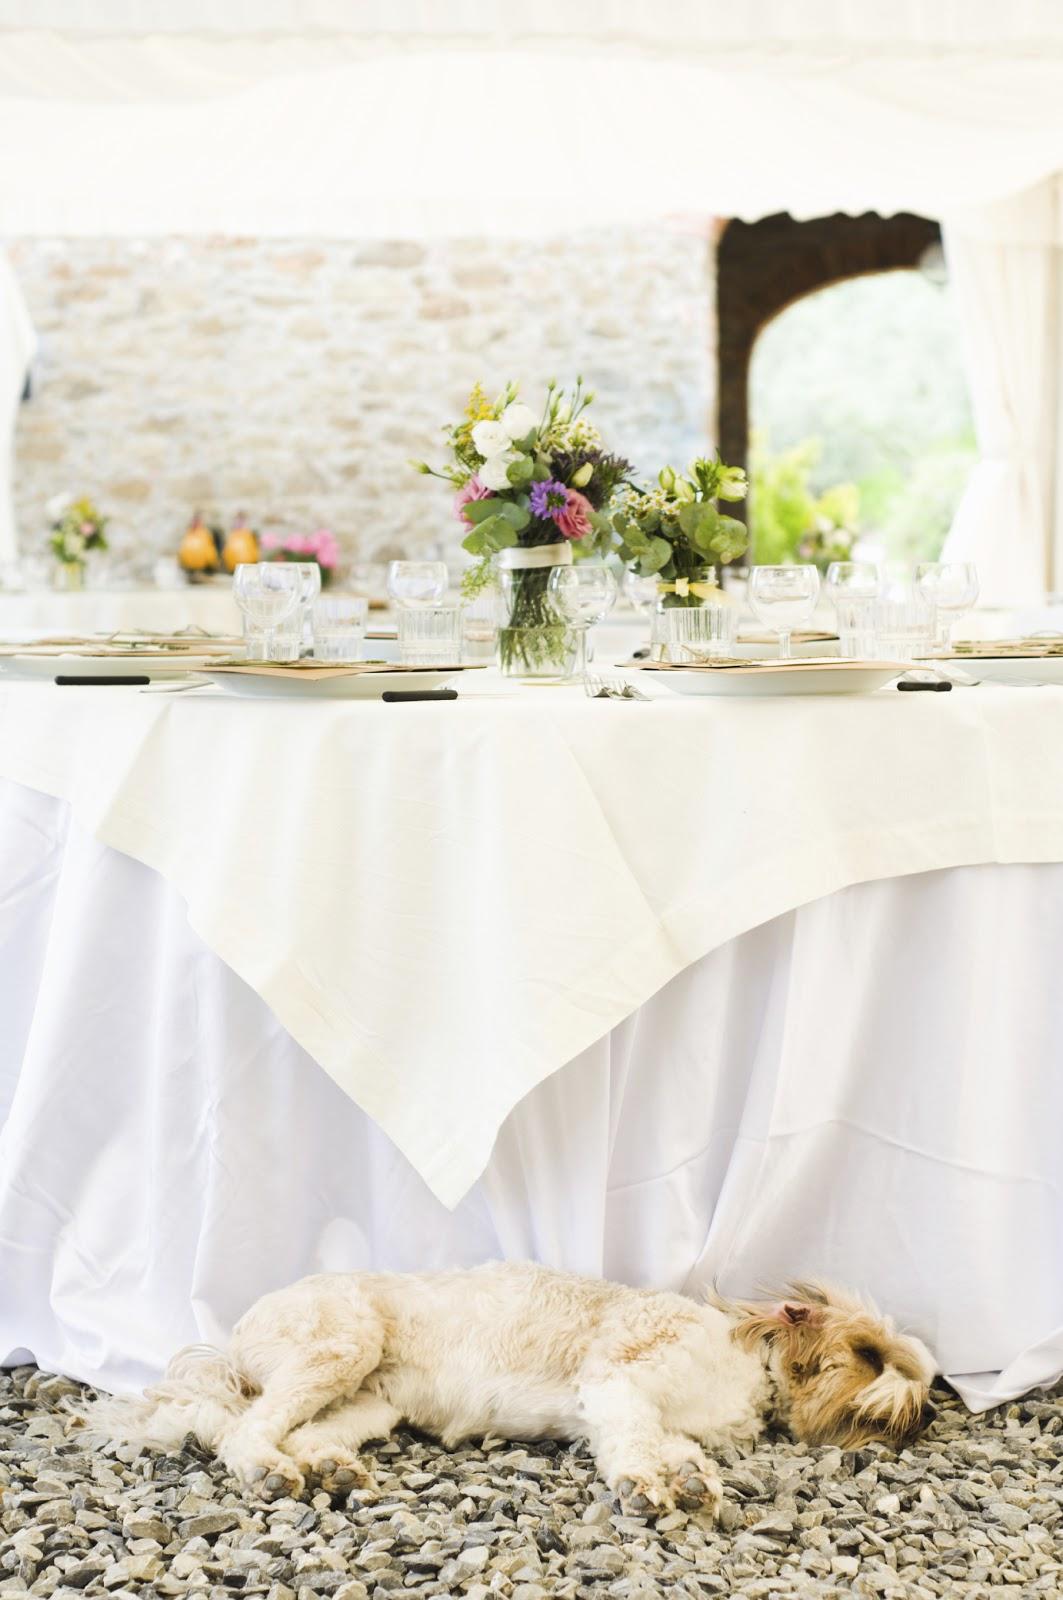 ペット同伴結婚式、4つの注意点